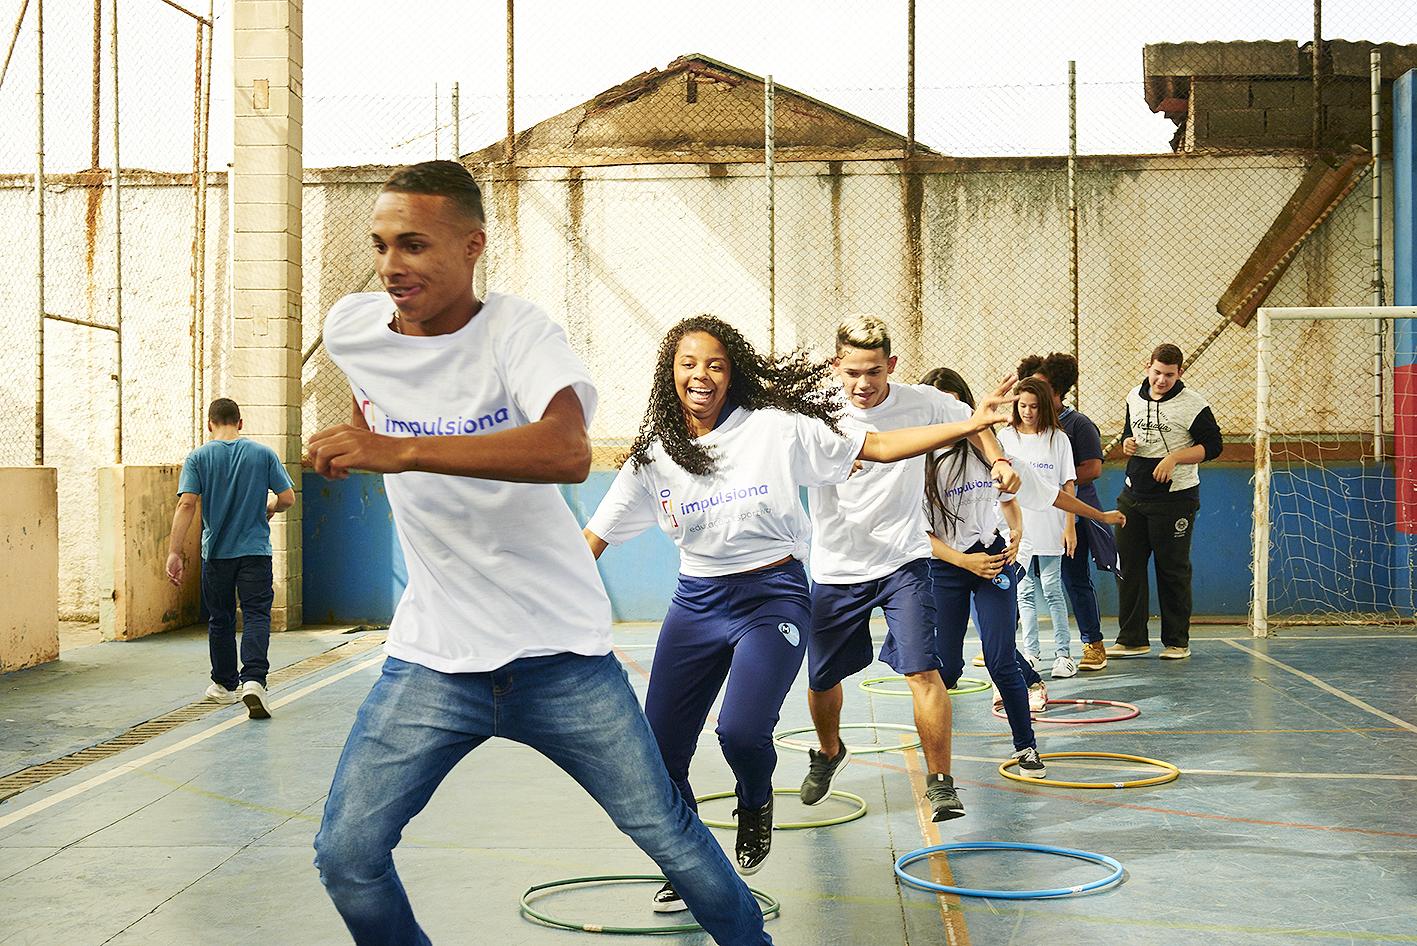 desenvolvimento-intelectual-impulsiona-educação-esportiva